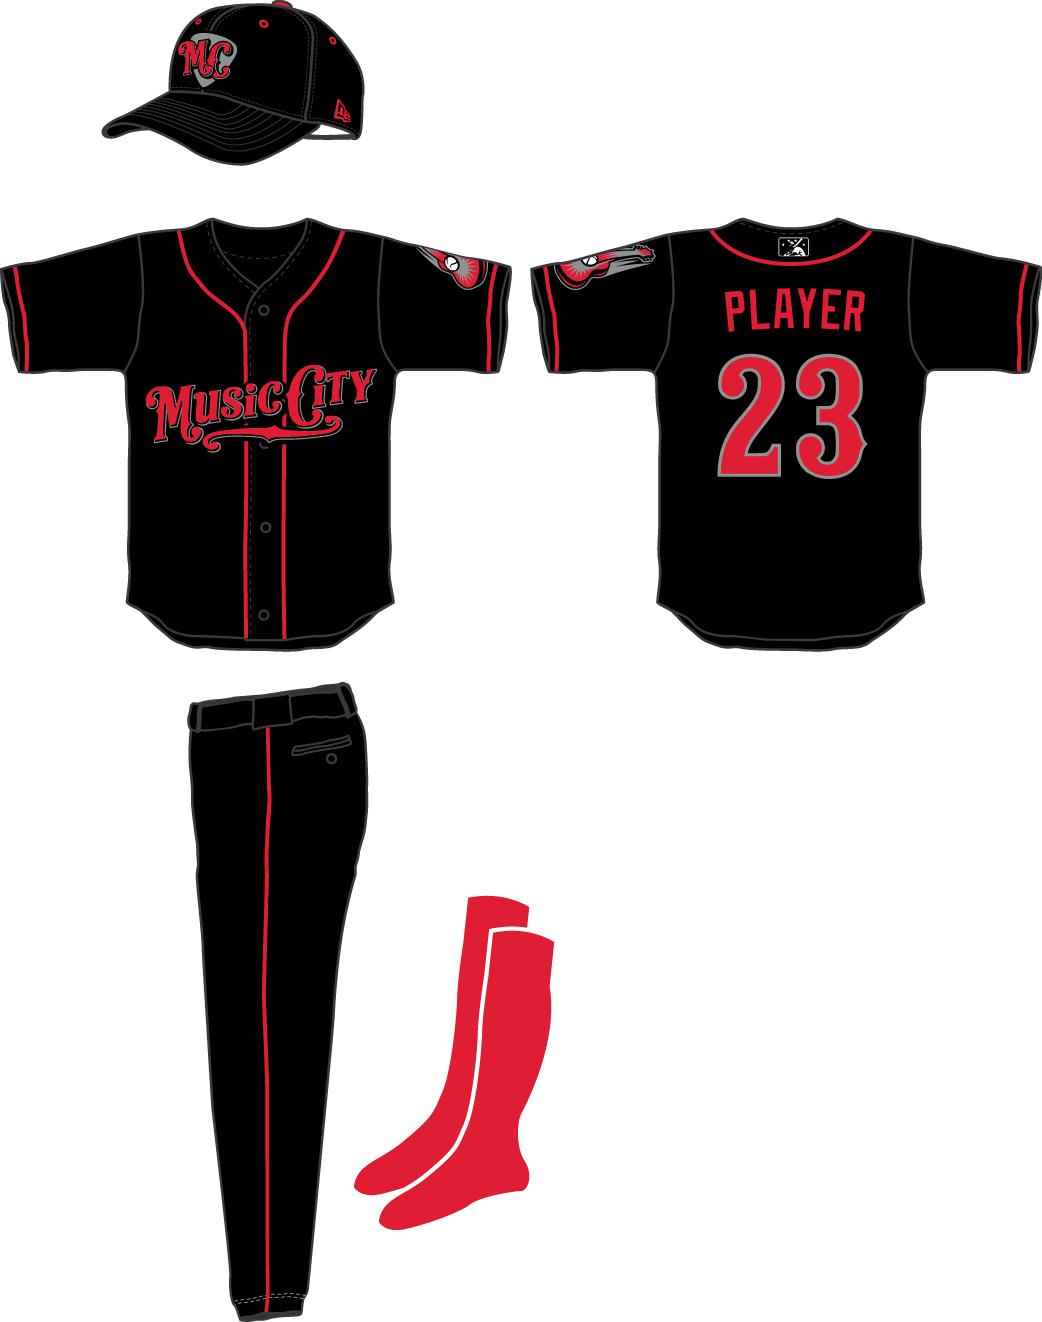 Nashville Sounds Uniform Alternate Uniform (2015-2018) -  SportsLogos.Net